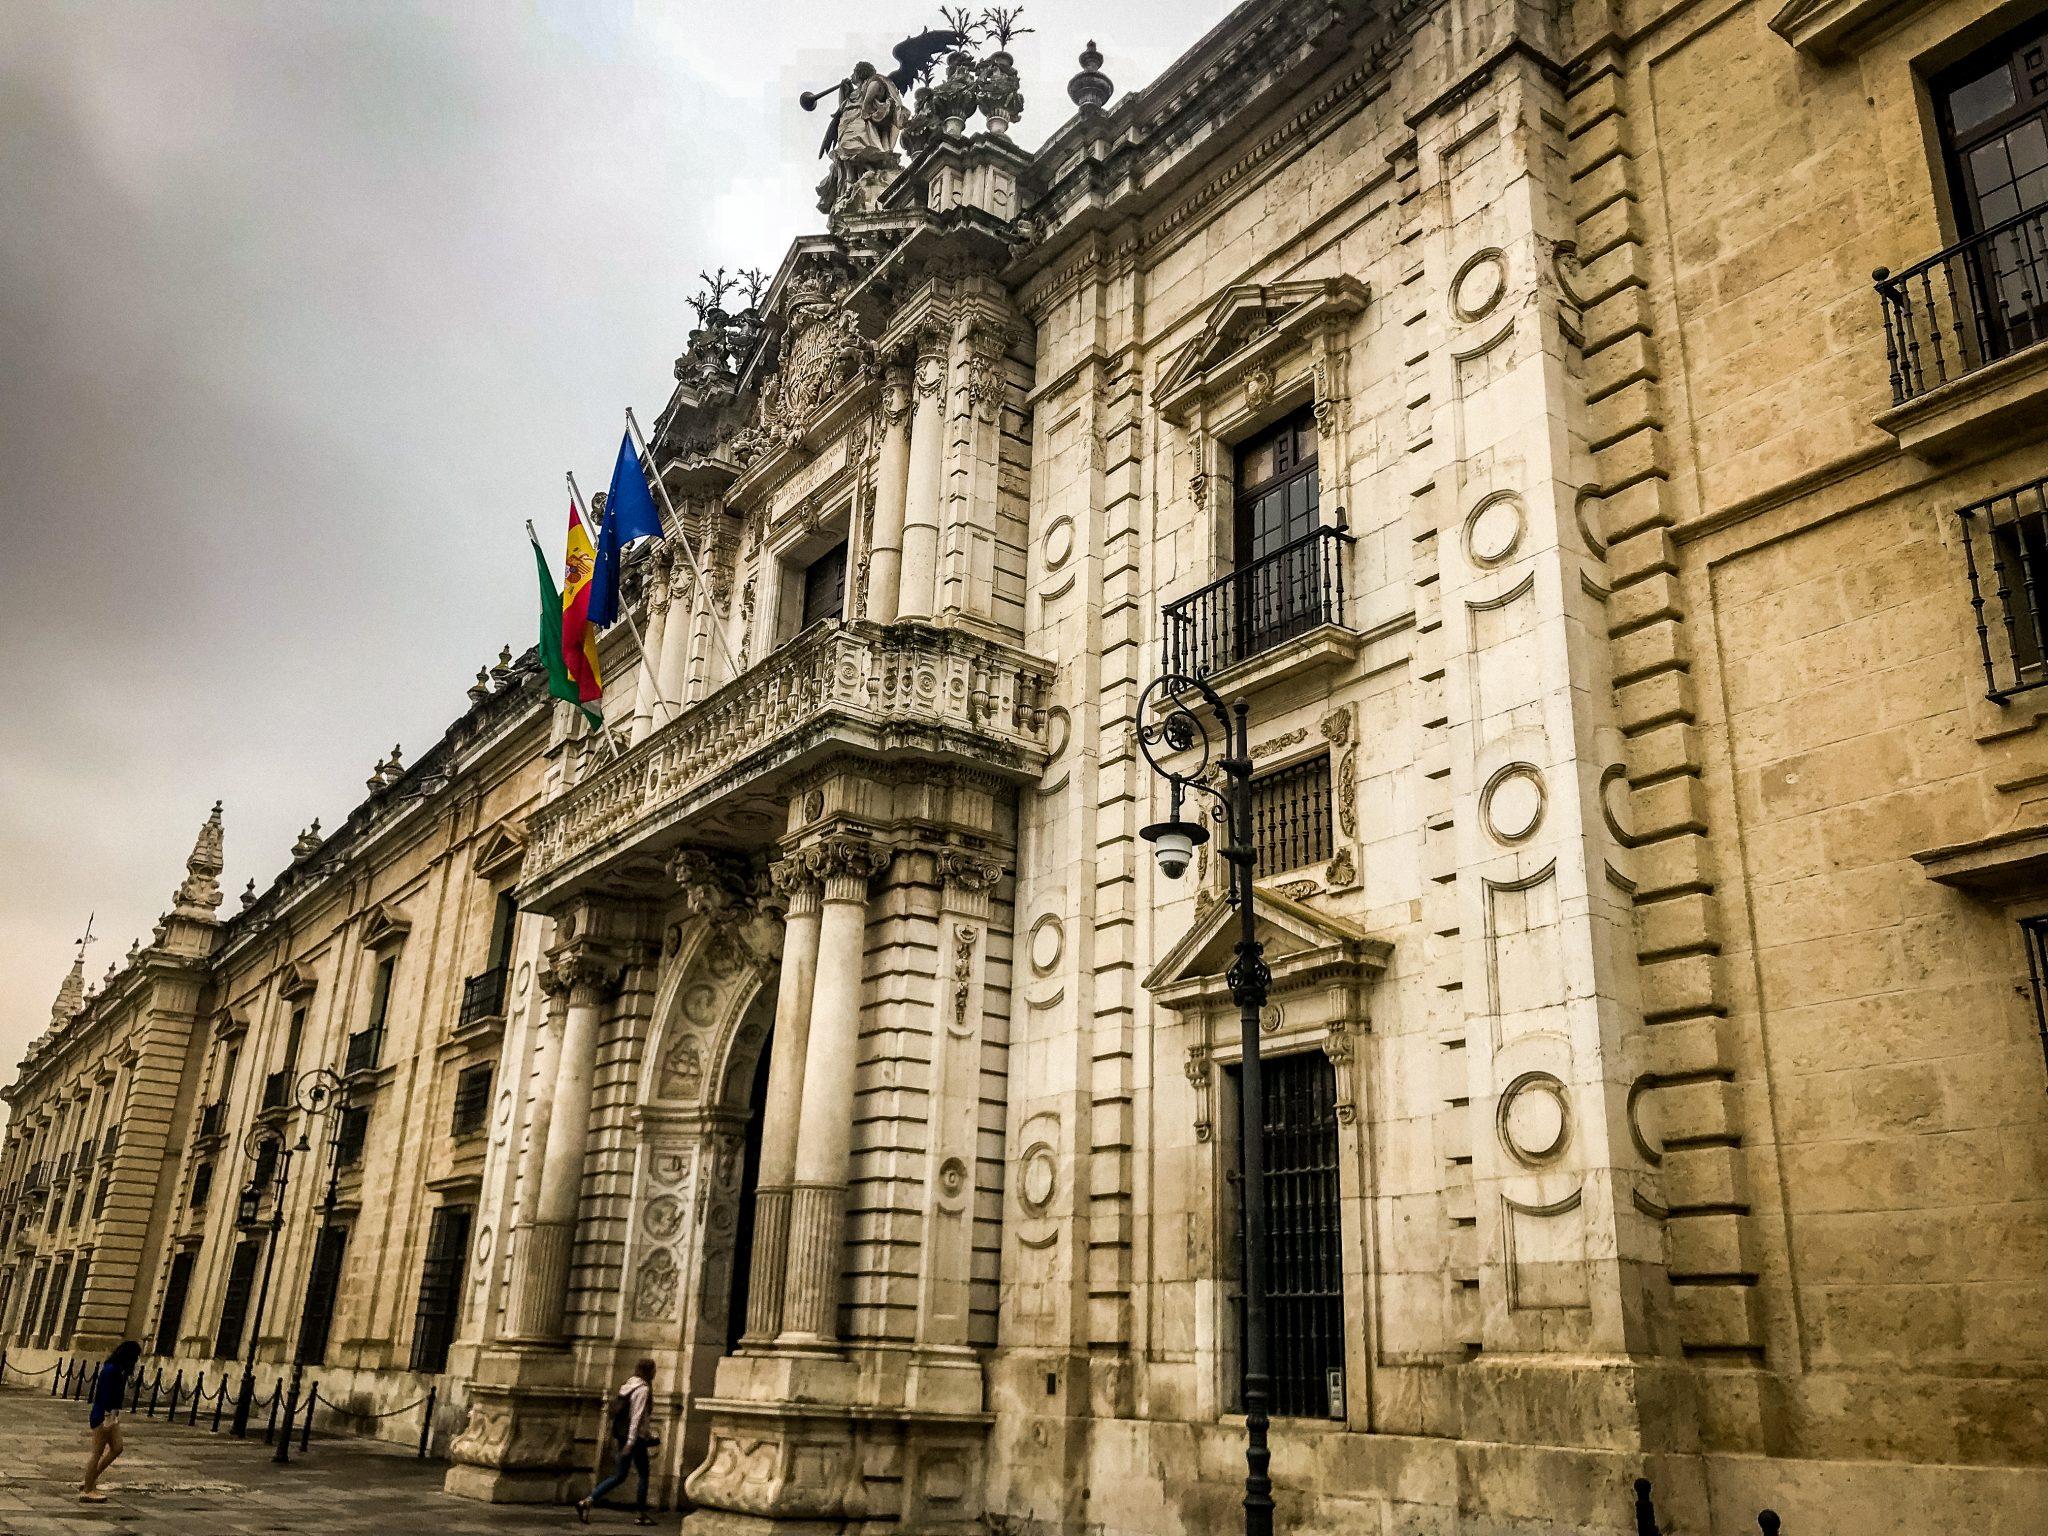 Es ist ein sehr historisches Gebäude und ebenfalls sehr verwirrend aufgebaut.